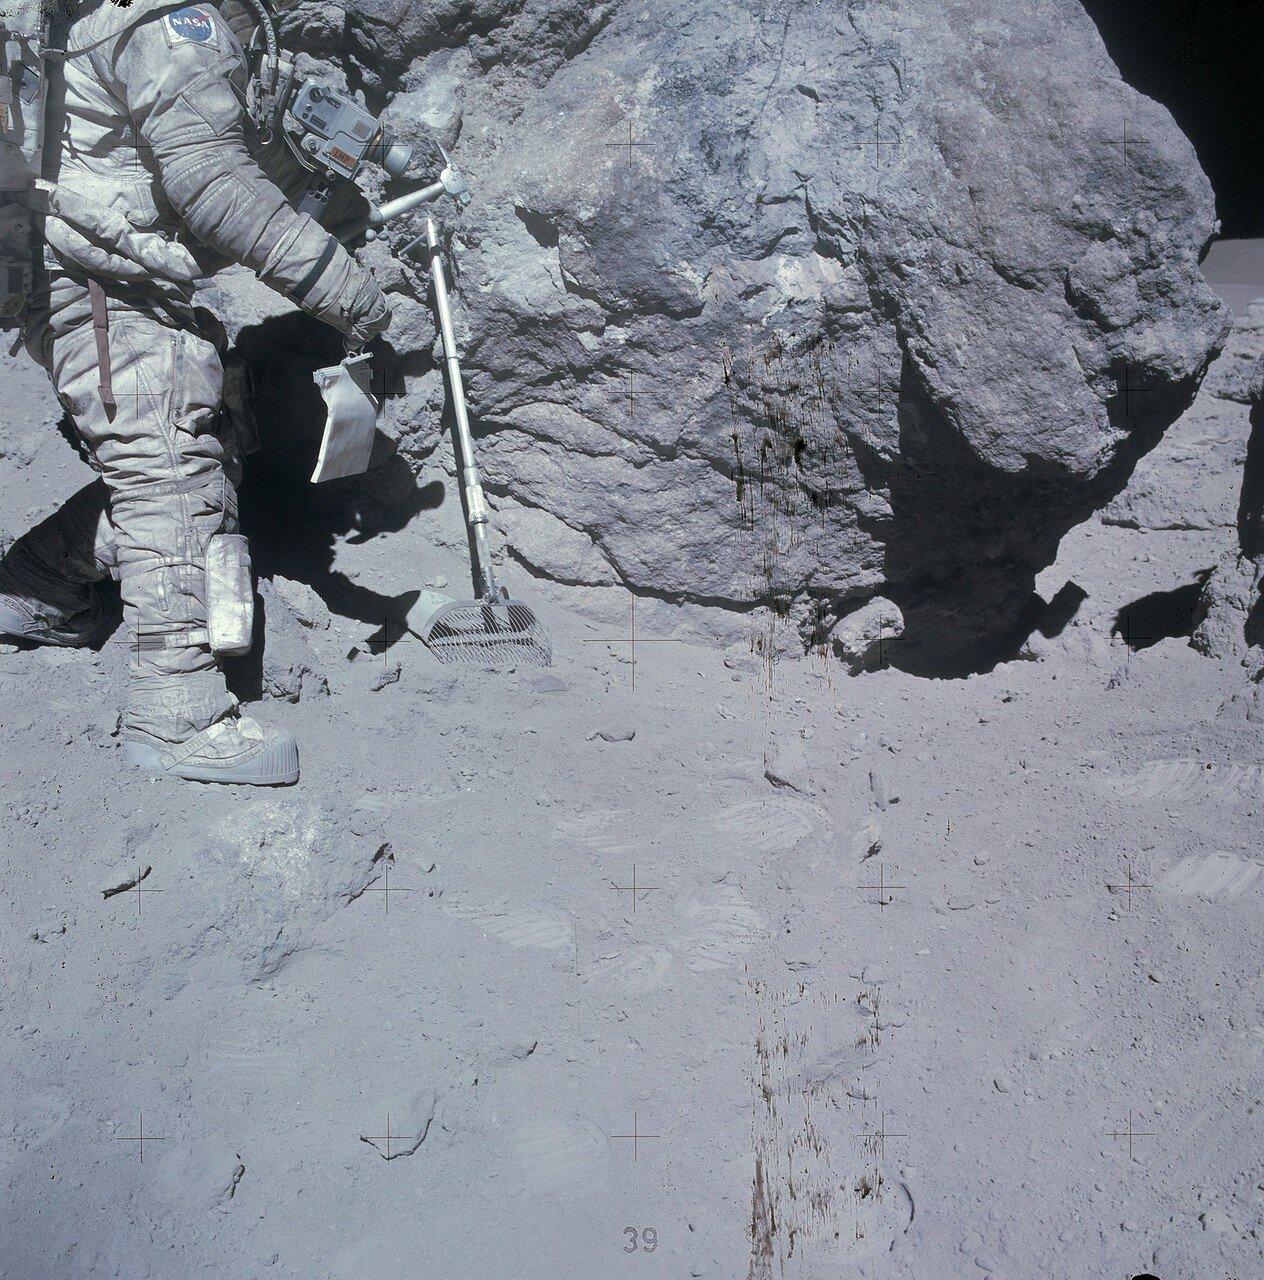 Рядом с ней находился осколок поменьше, за которым позже закрепилось название англ. Outhouse Rock. Их разделяла узкая расщелина. На снимке: Дьюк с молотком у скалы Outhouse Rock